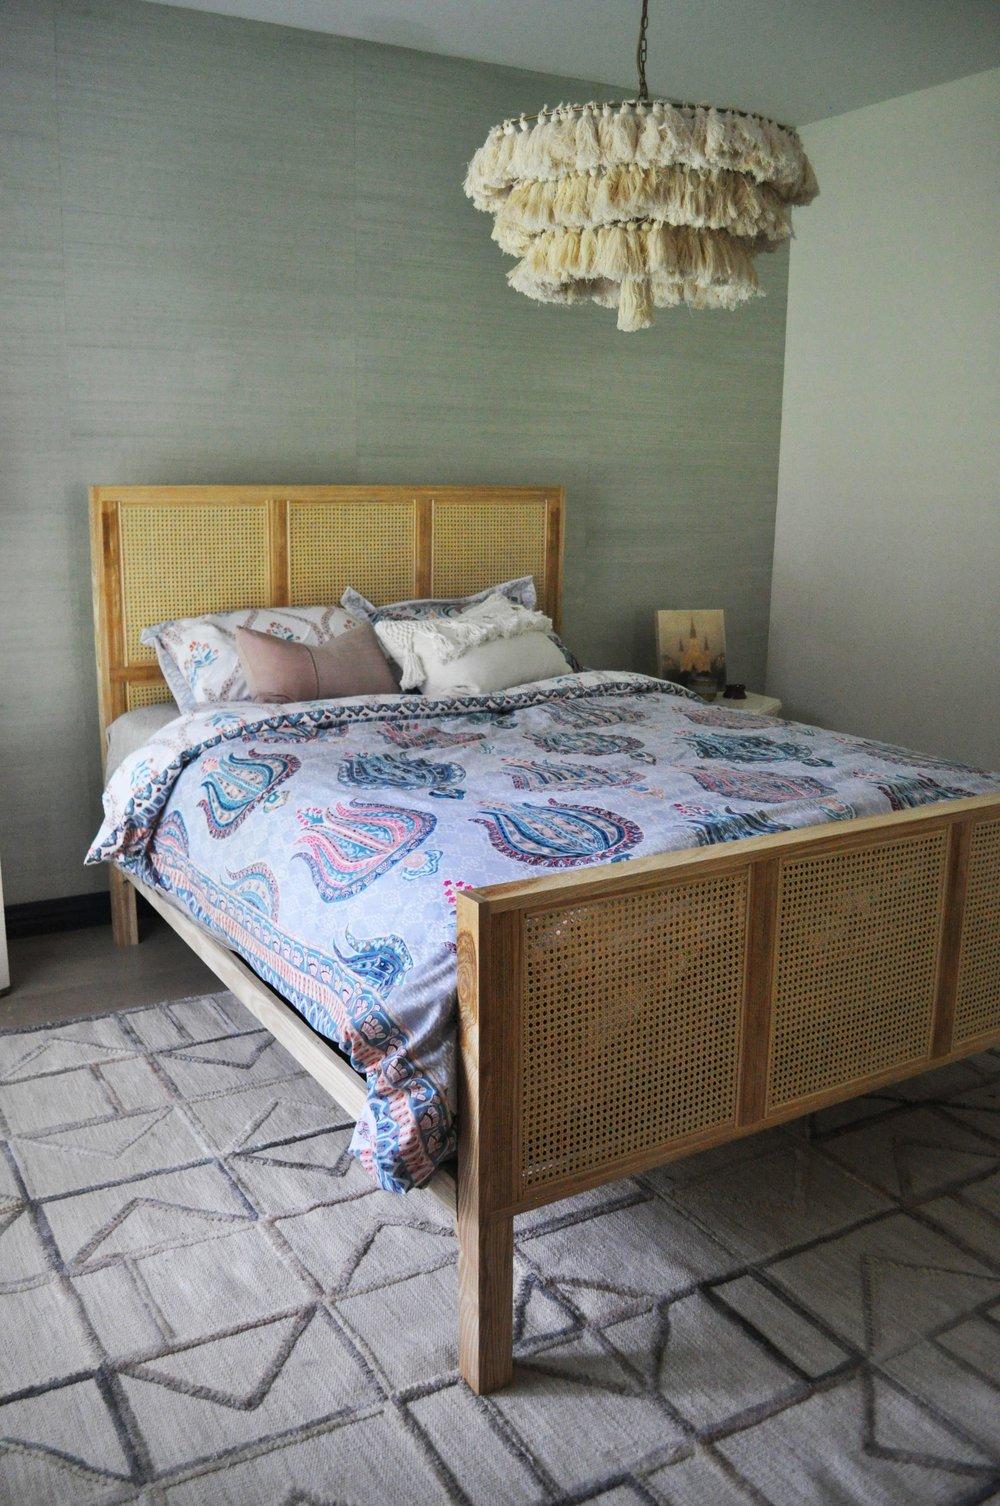 Wicker Bed -